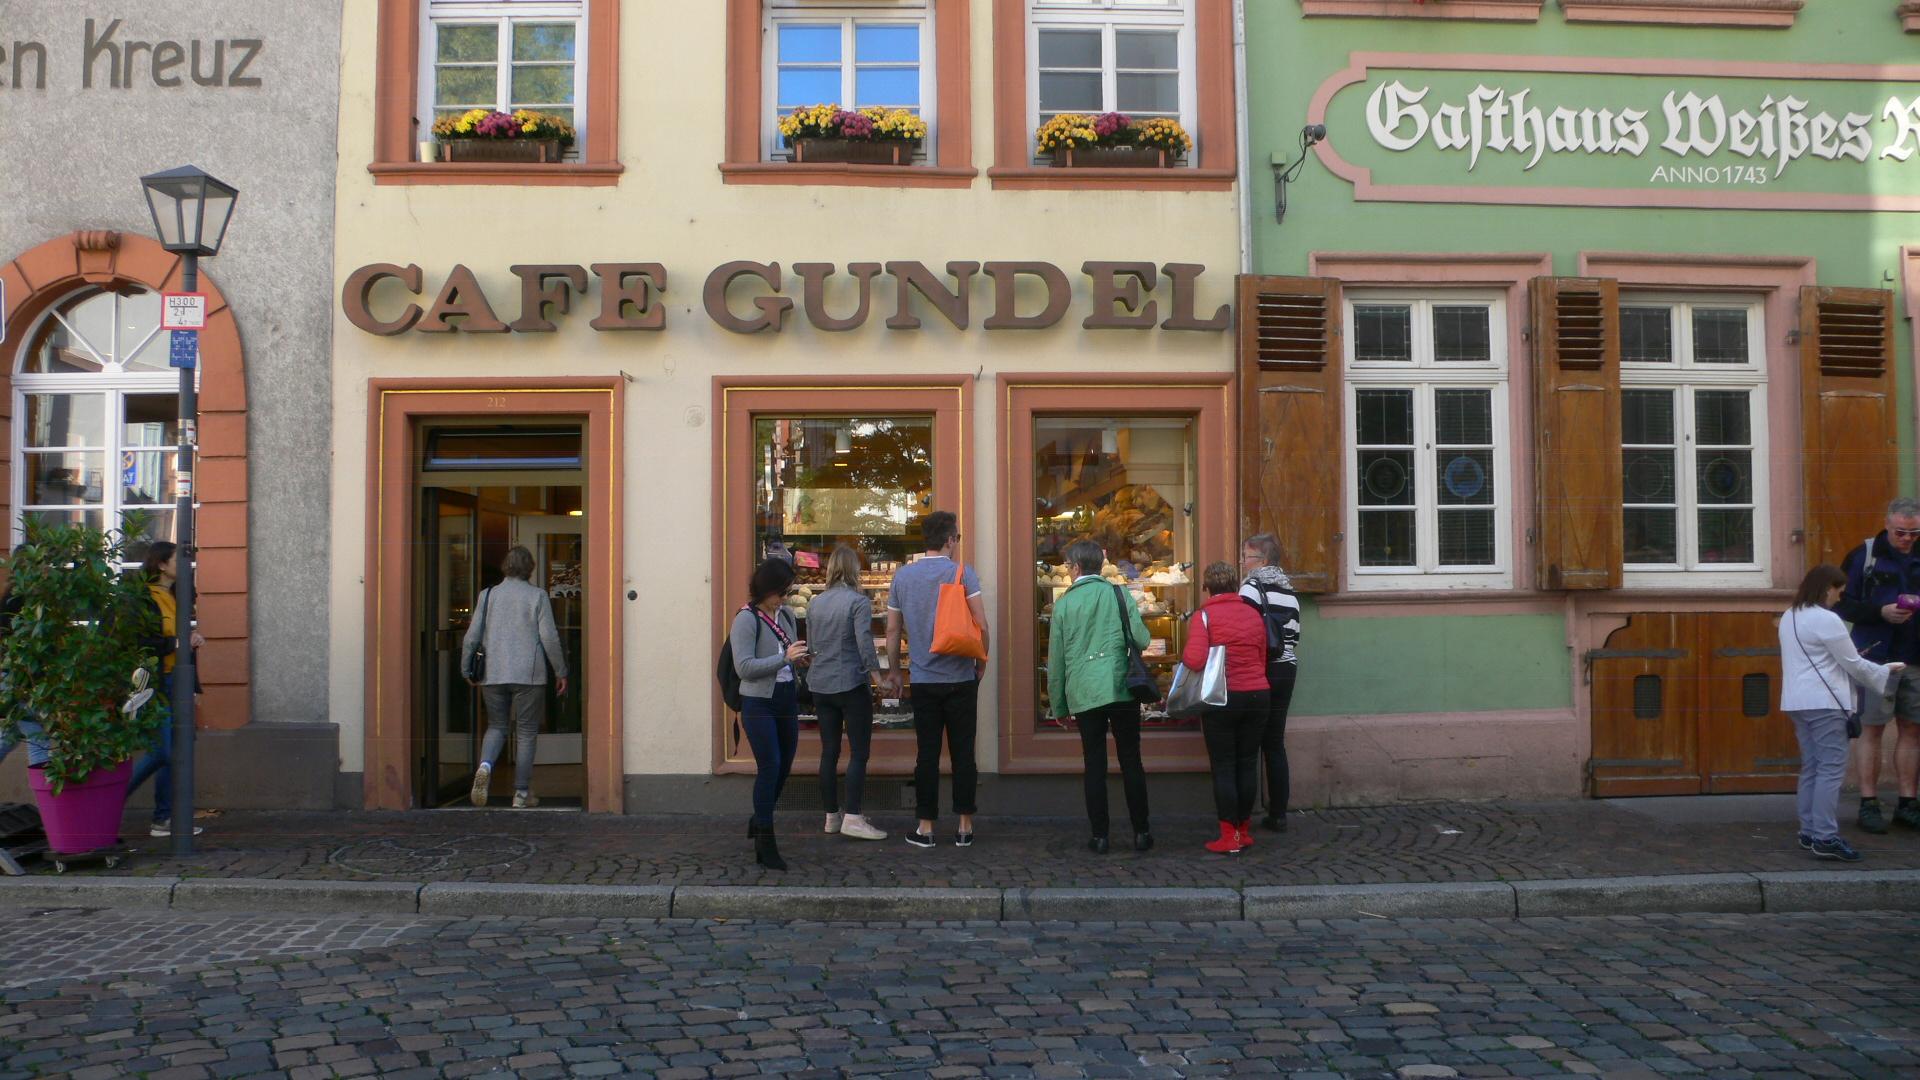 Cafe in der Altstadt neben dem Rathaus